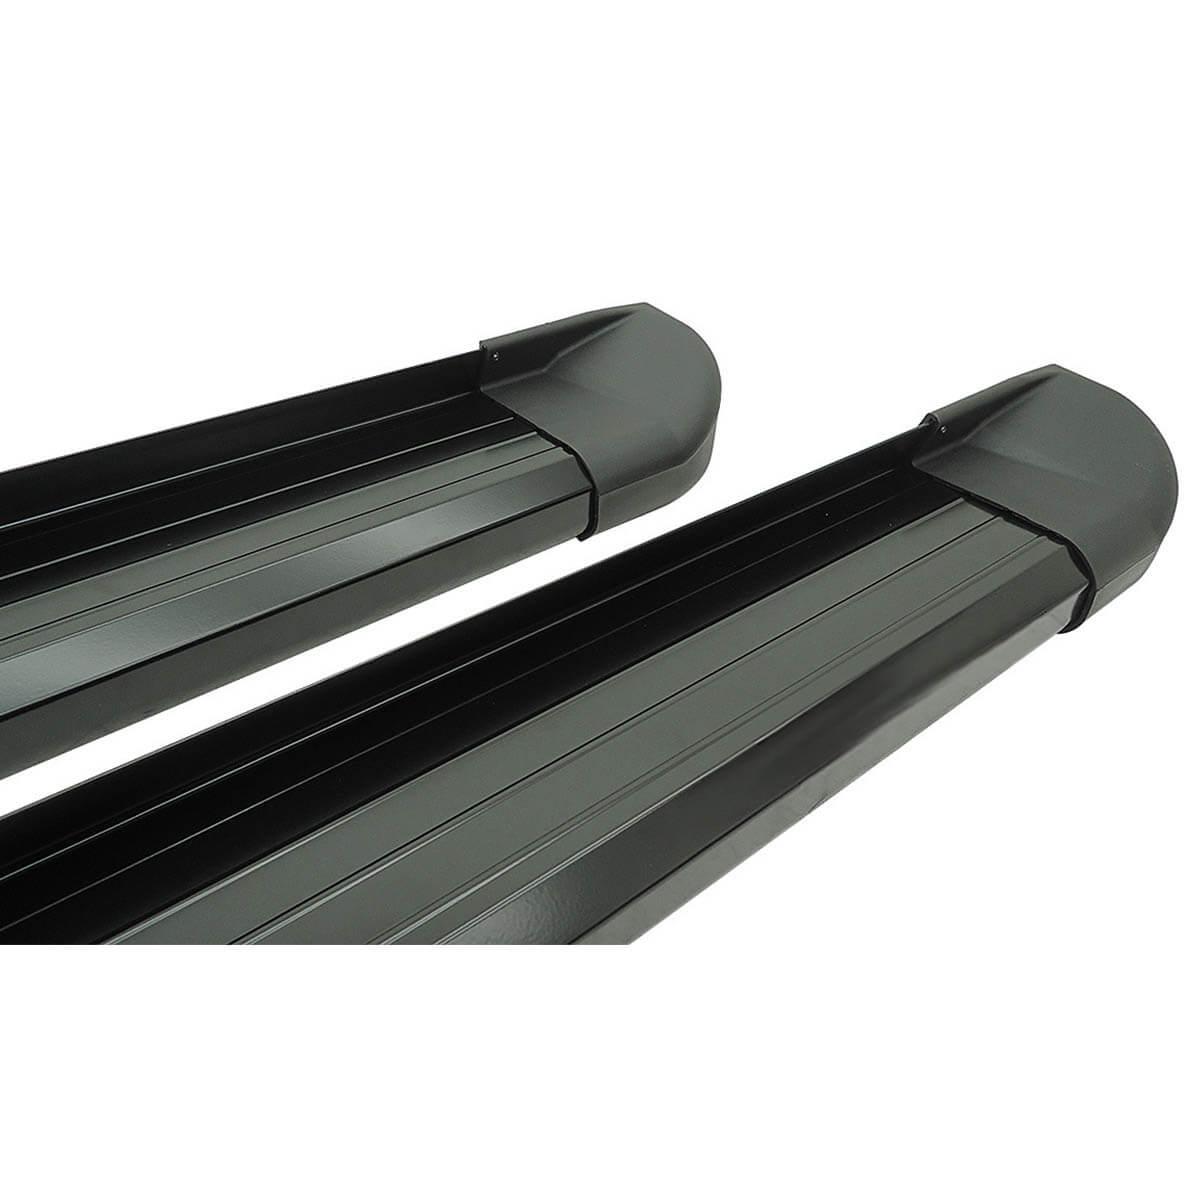 Estribo plataforma alumínio preto Amarok cabine dupla 2011 a 2017